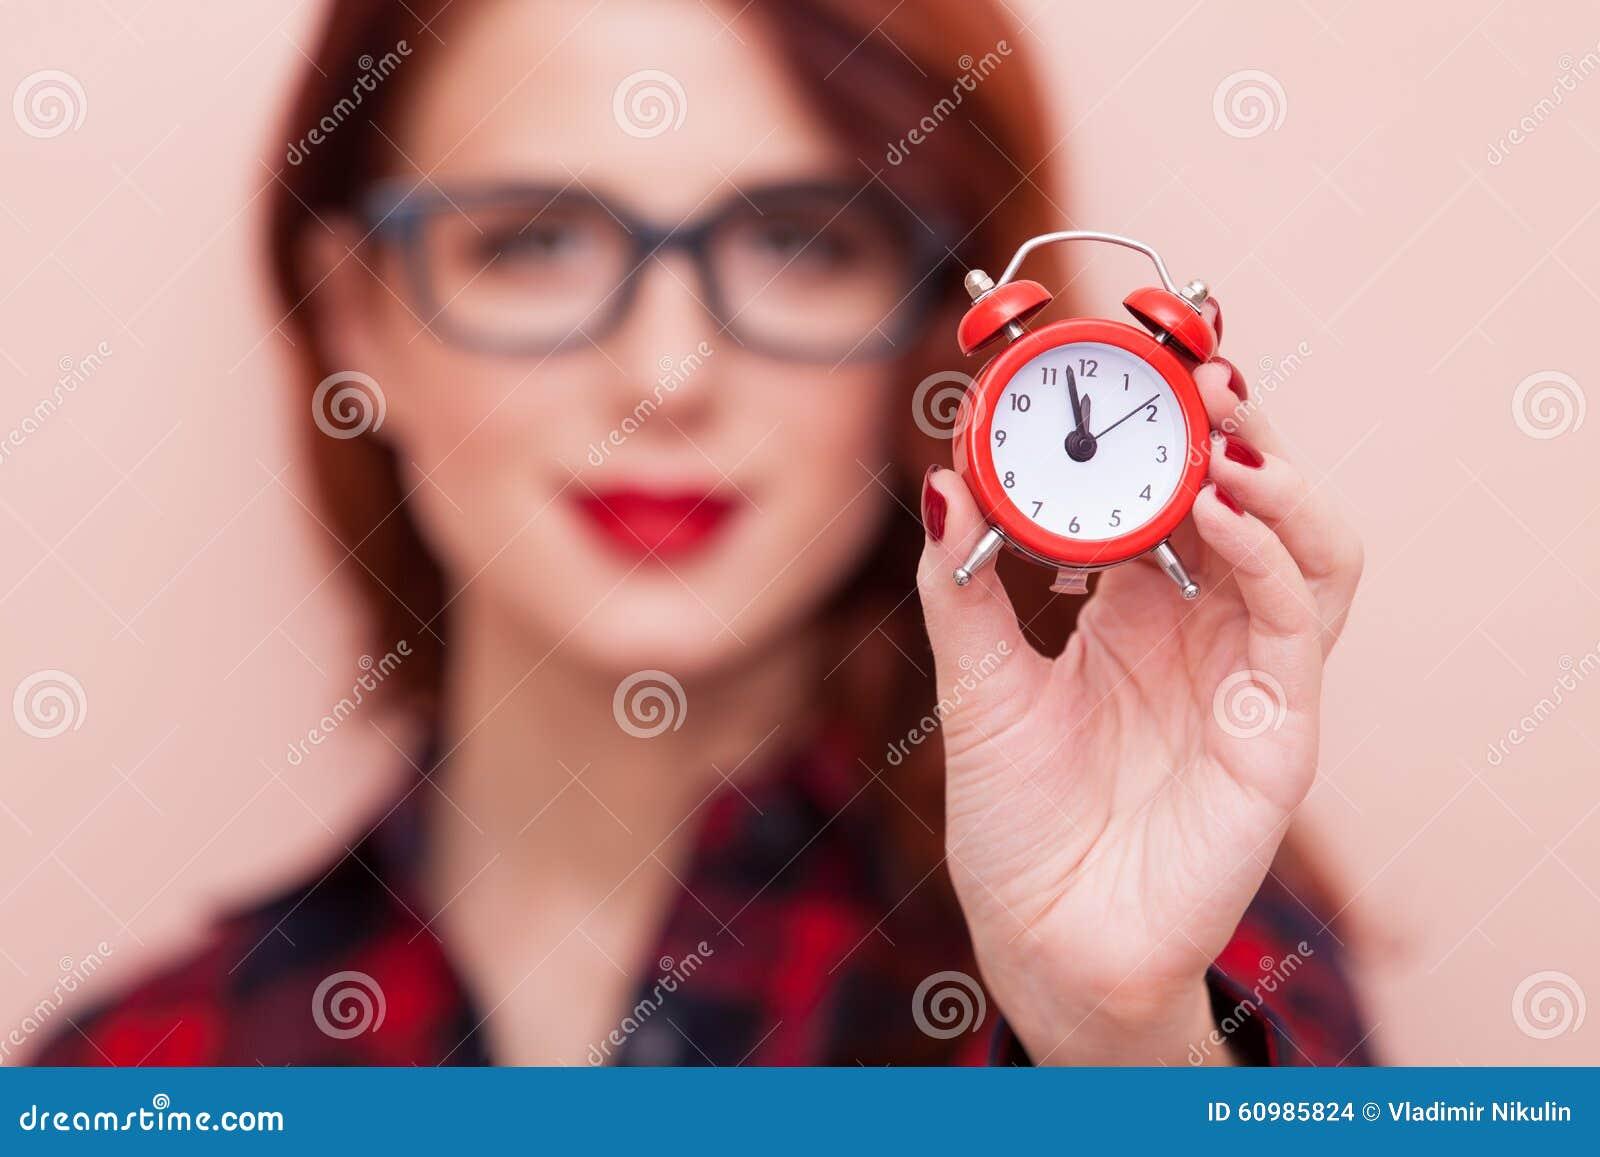 Фото девушек с датой и временем